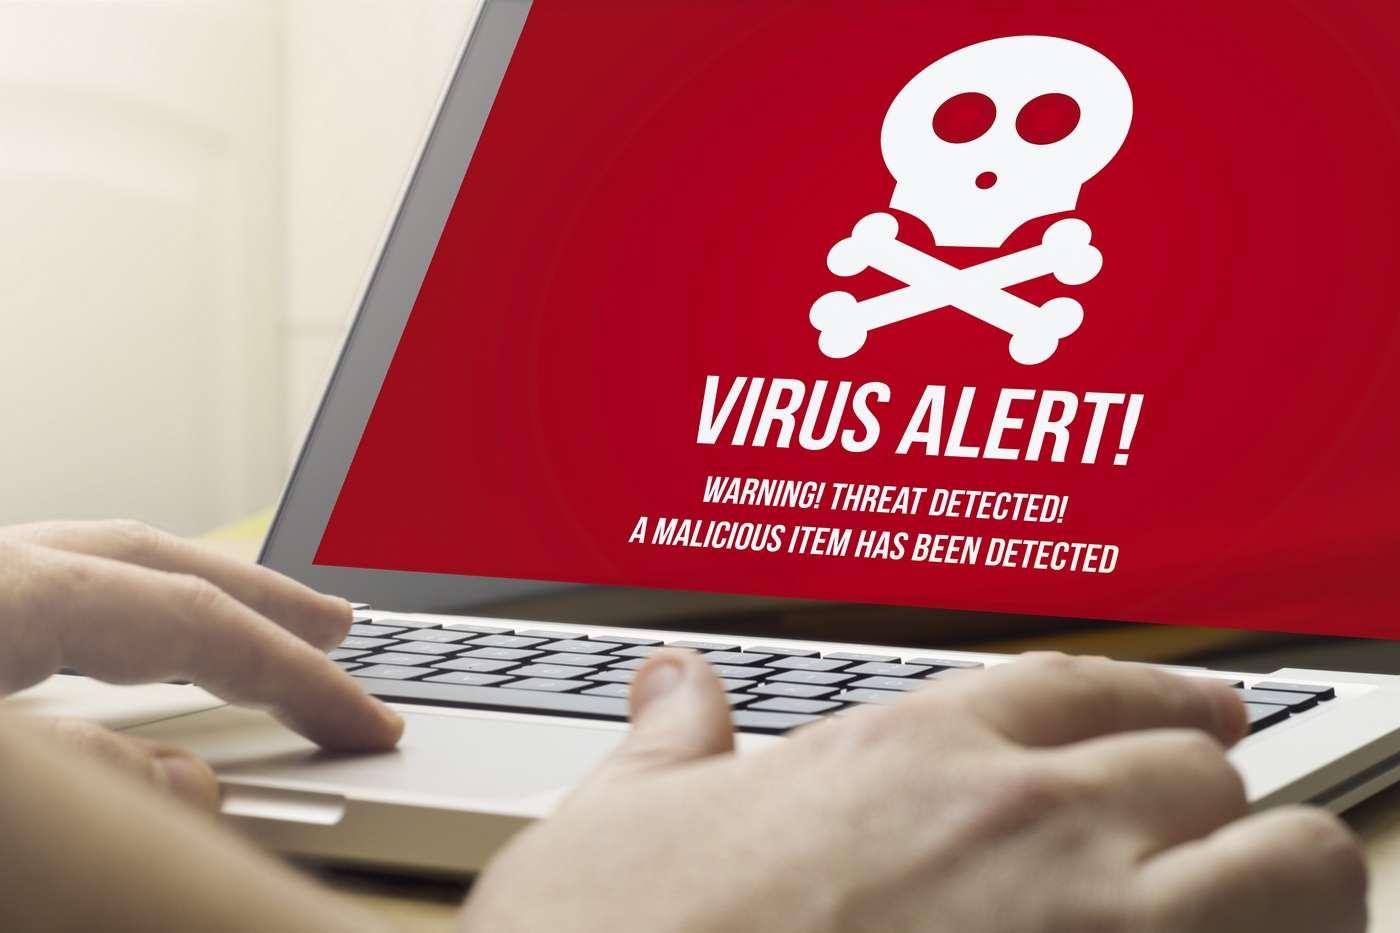 Les virus peuvent se cacher dans des macros, ces commandes utilisées par certains logiciels pour exécuter des actions courantes. Difficiles à détecter, ils peuvent causer de gros dégâts aux fichiers infectés et se répliquer via le courrier électronique. © Georgejmclittle, Shutterstock